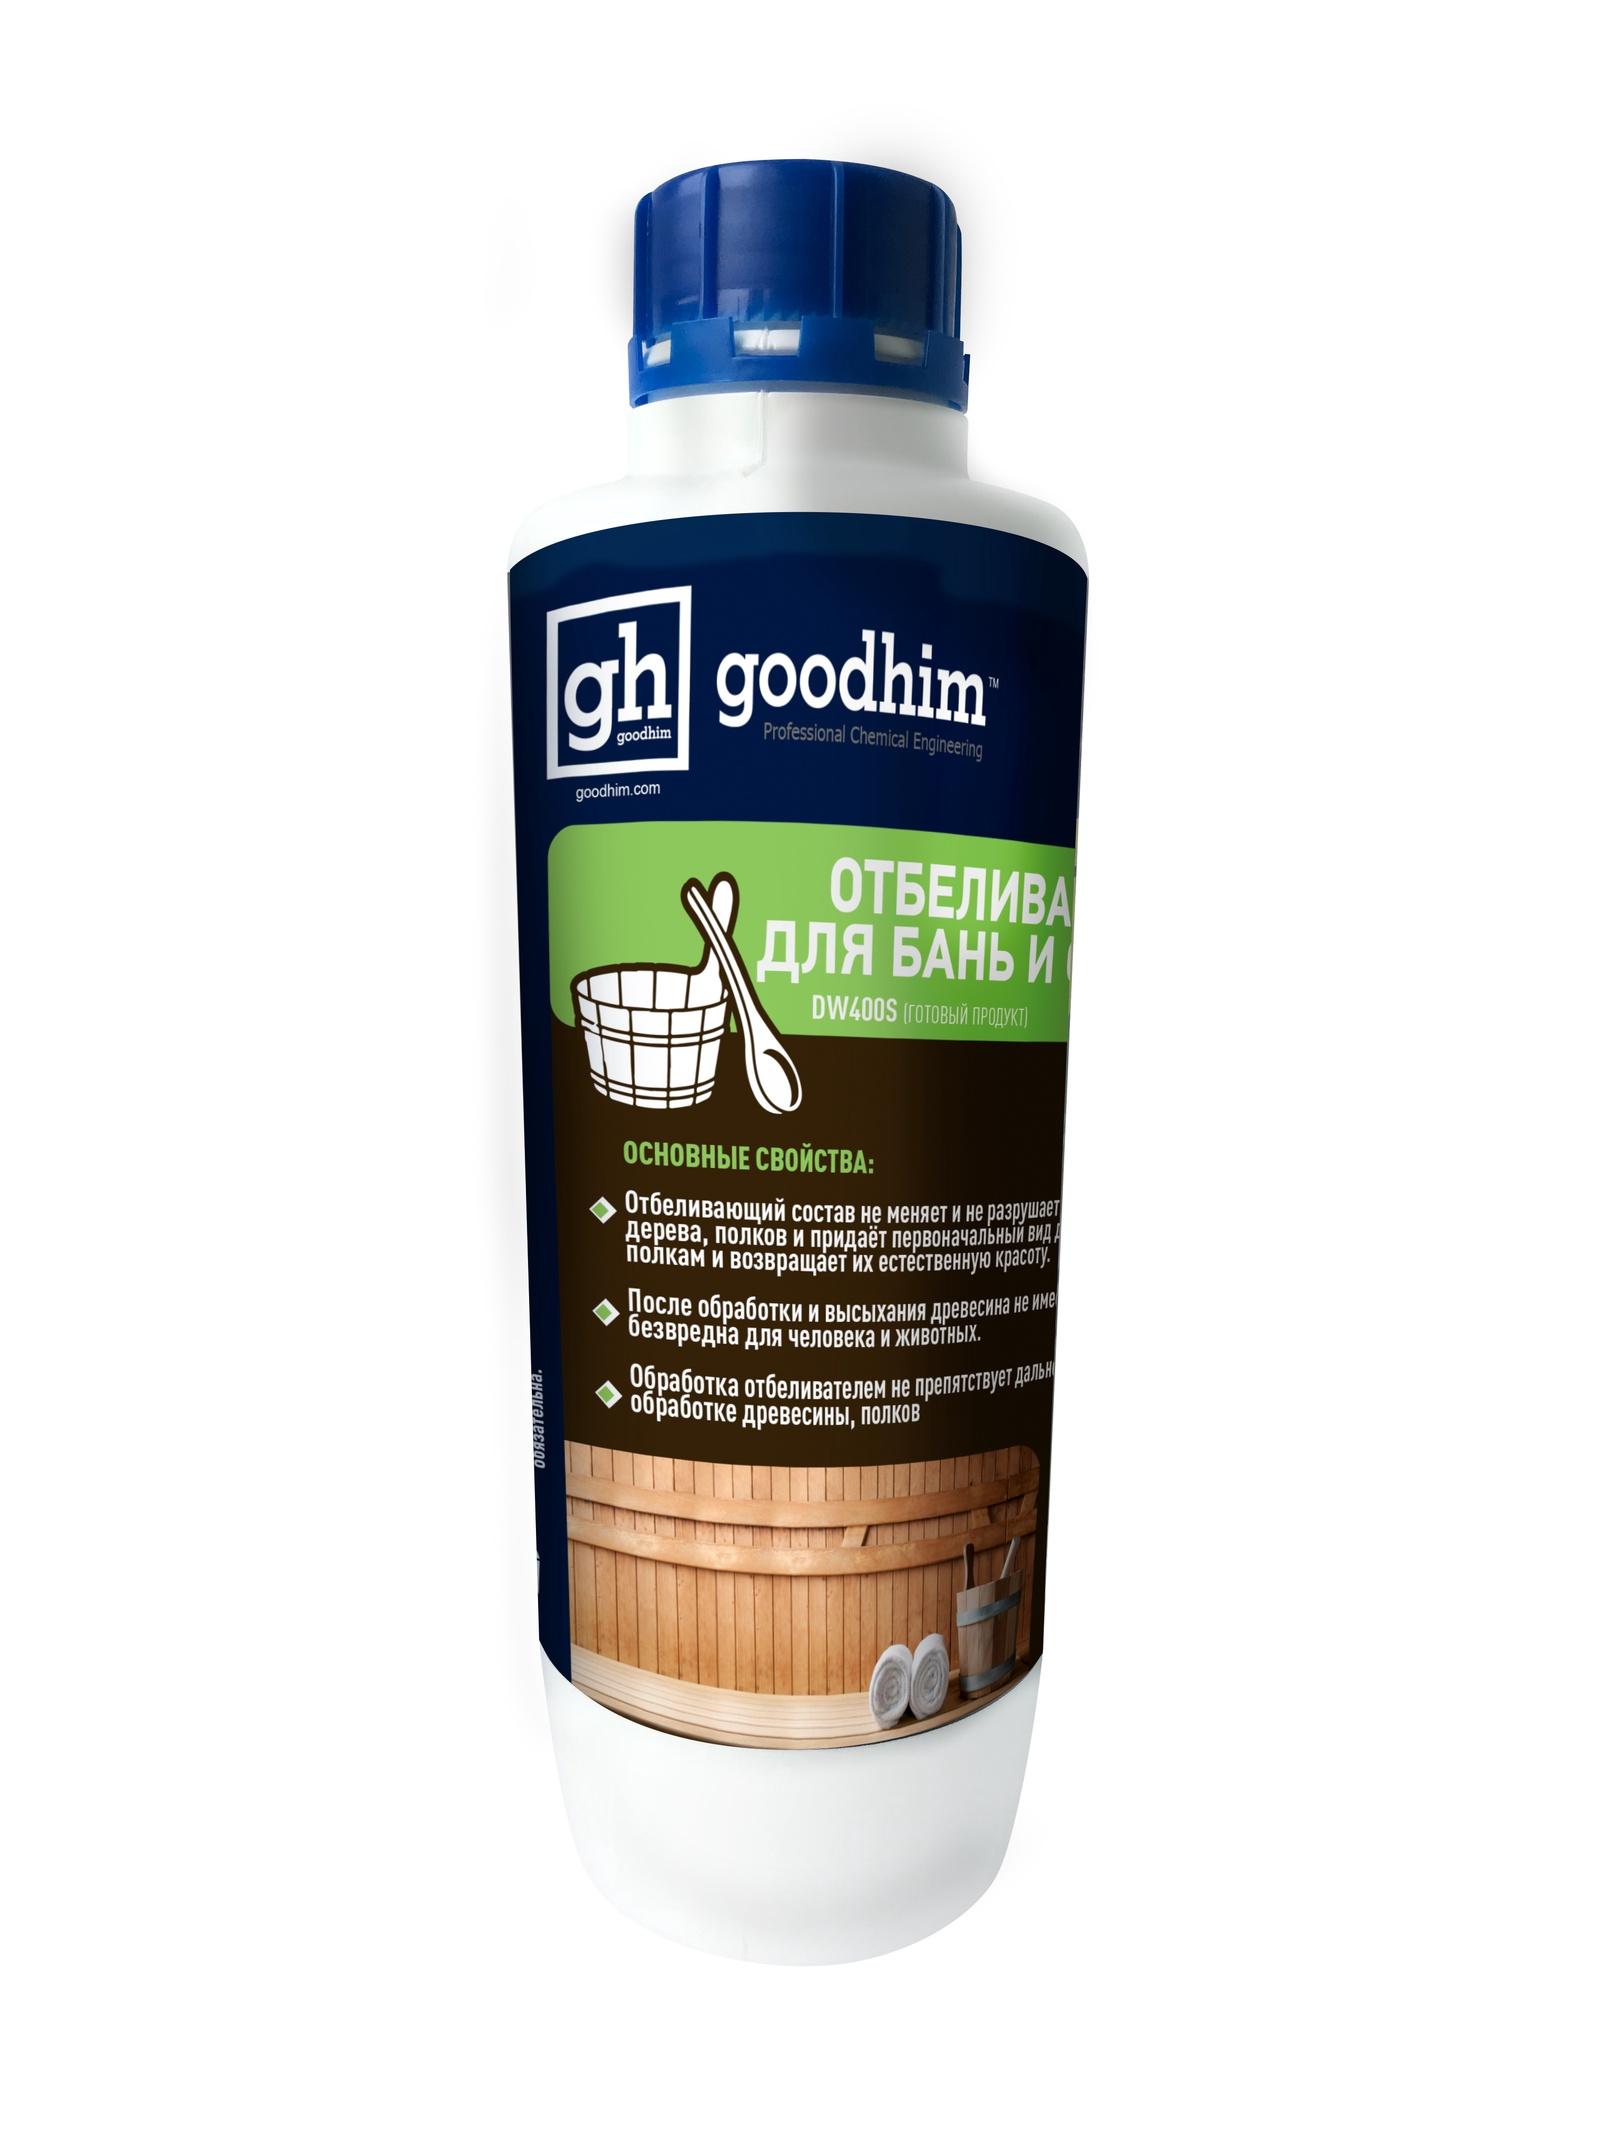 Очиститель DW 400 S деревозащитный состав для бань и саун neomid professional 200 500 мл